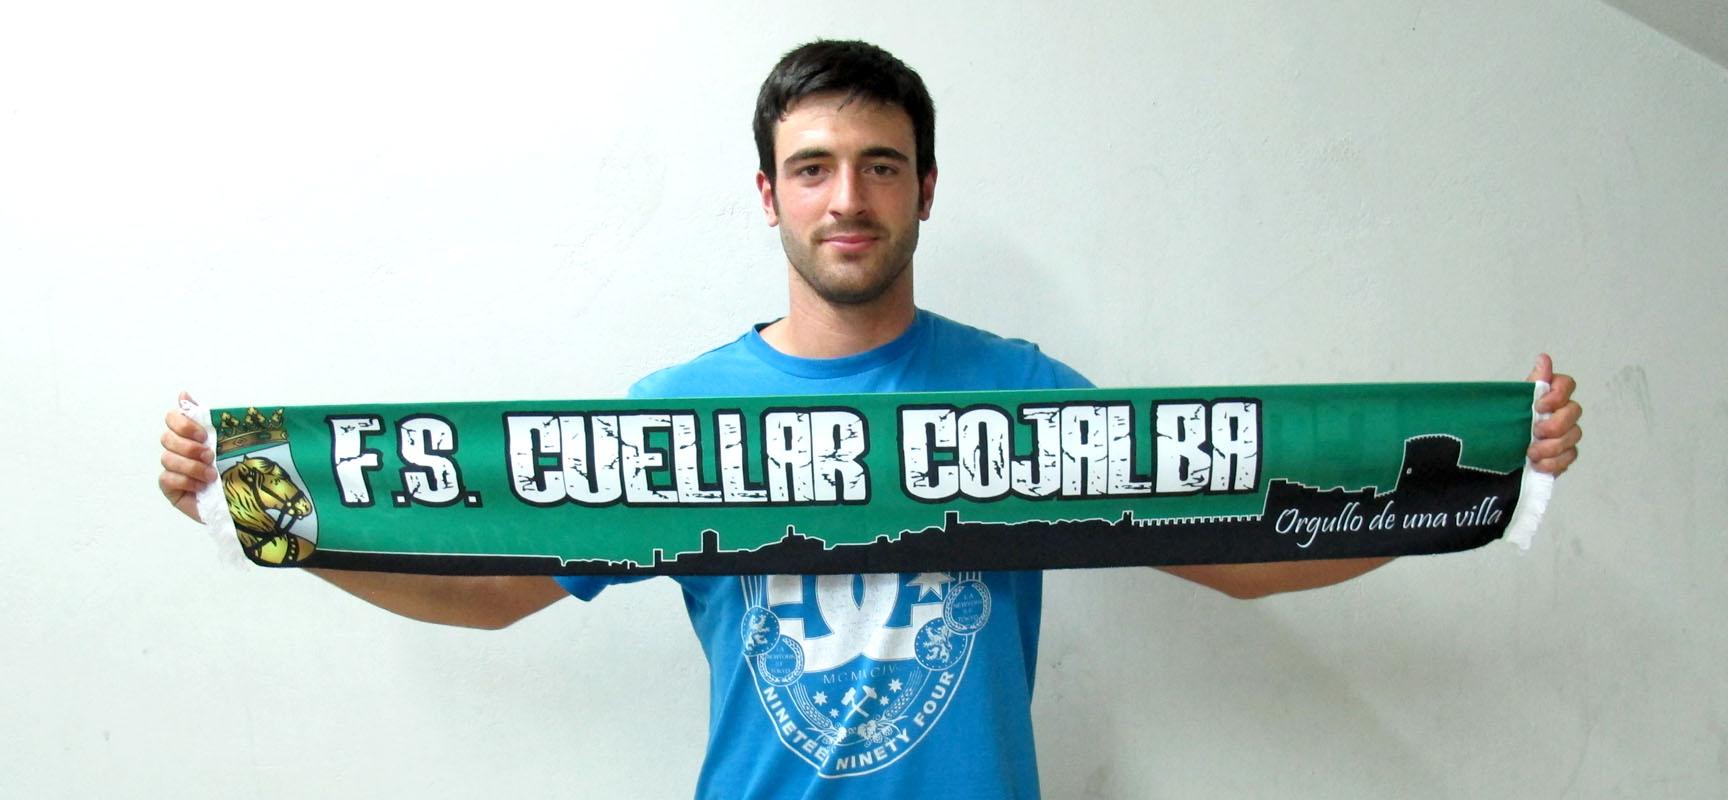 Pablo Lozano se incorpora al equipo FS Cuéllar Cojalba.